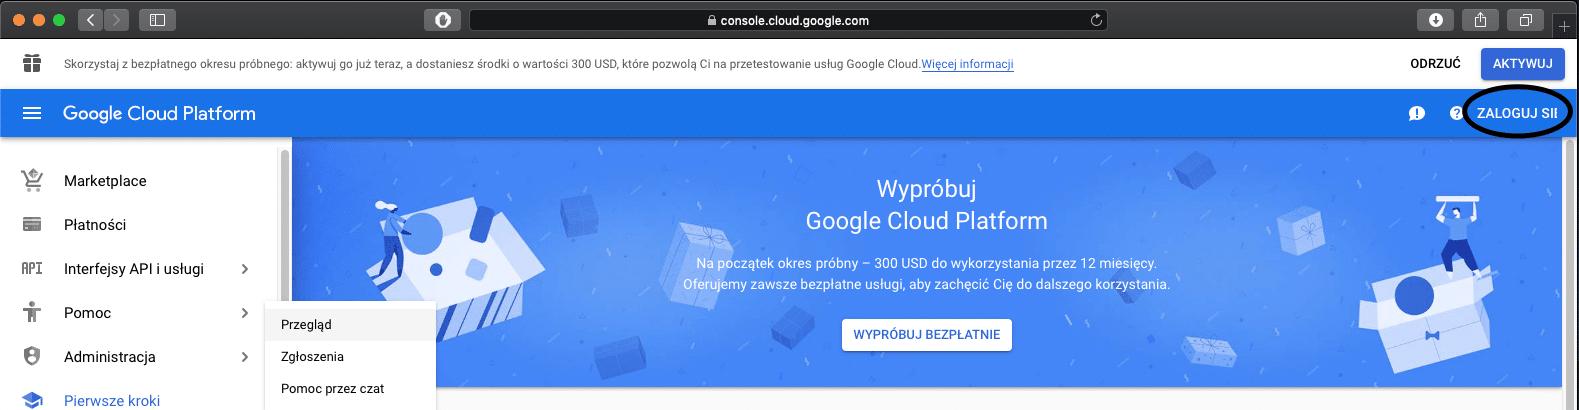 Logowanie do konta google w usłudze Google Cloud